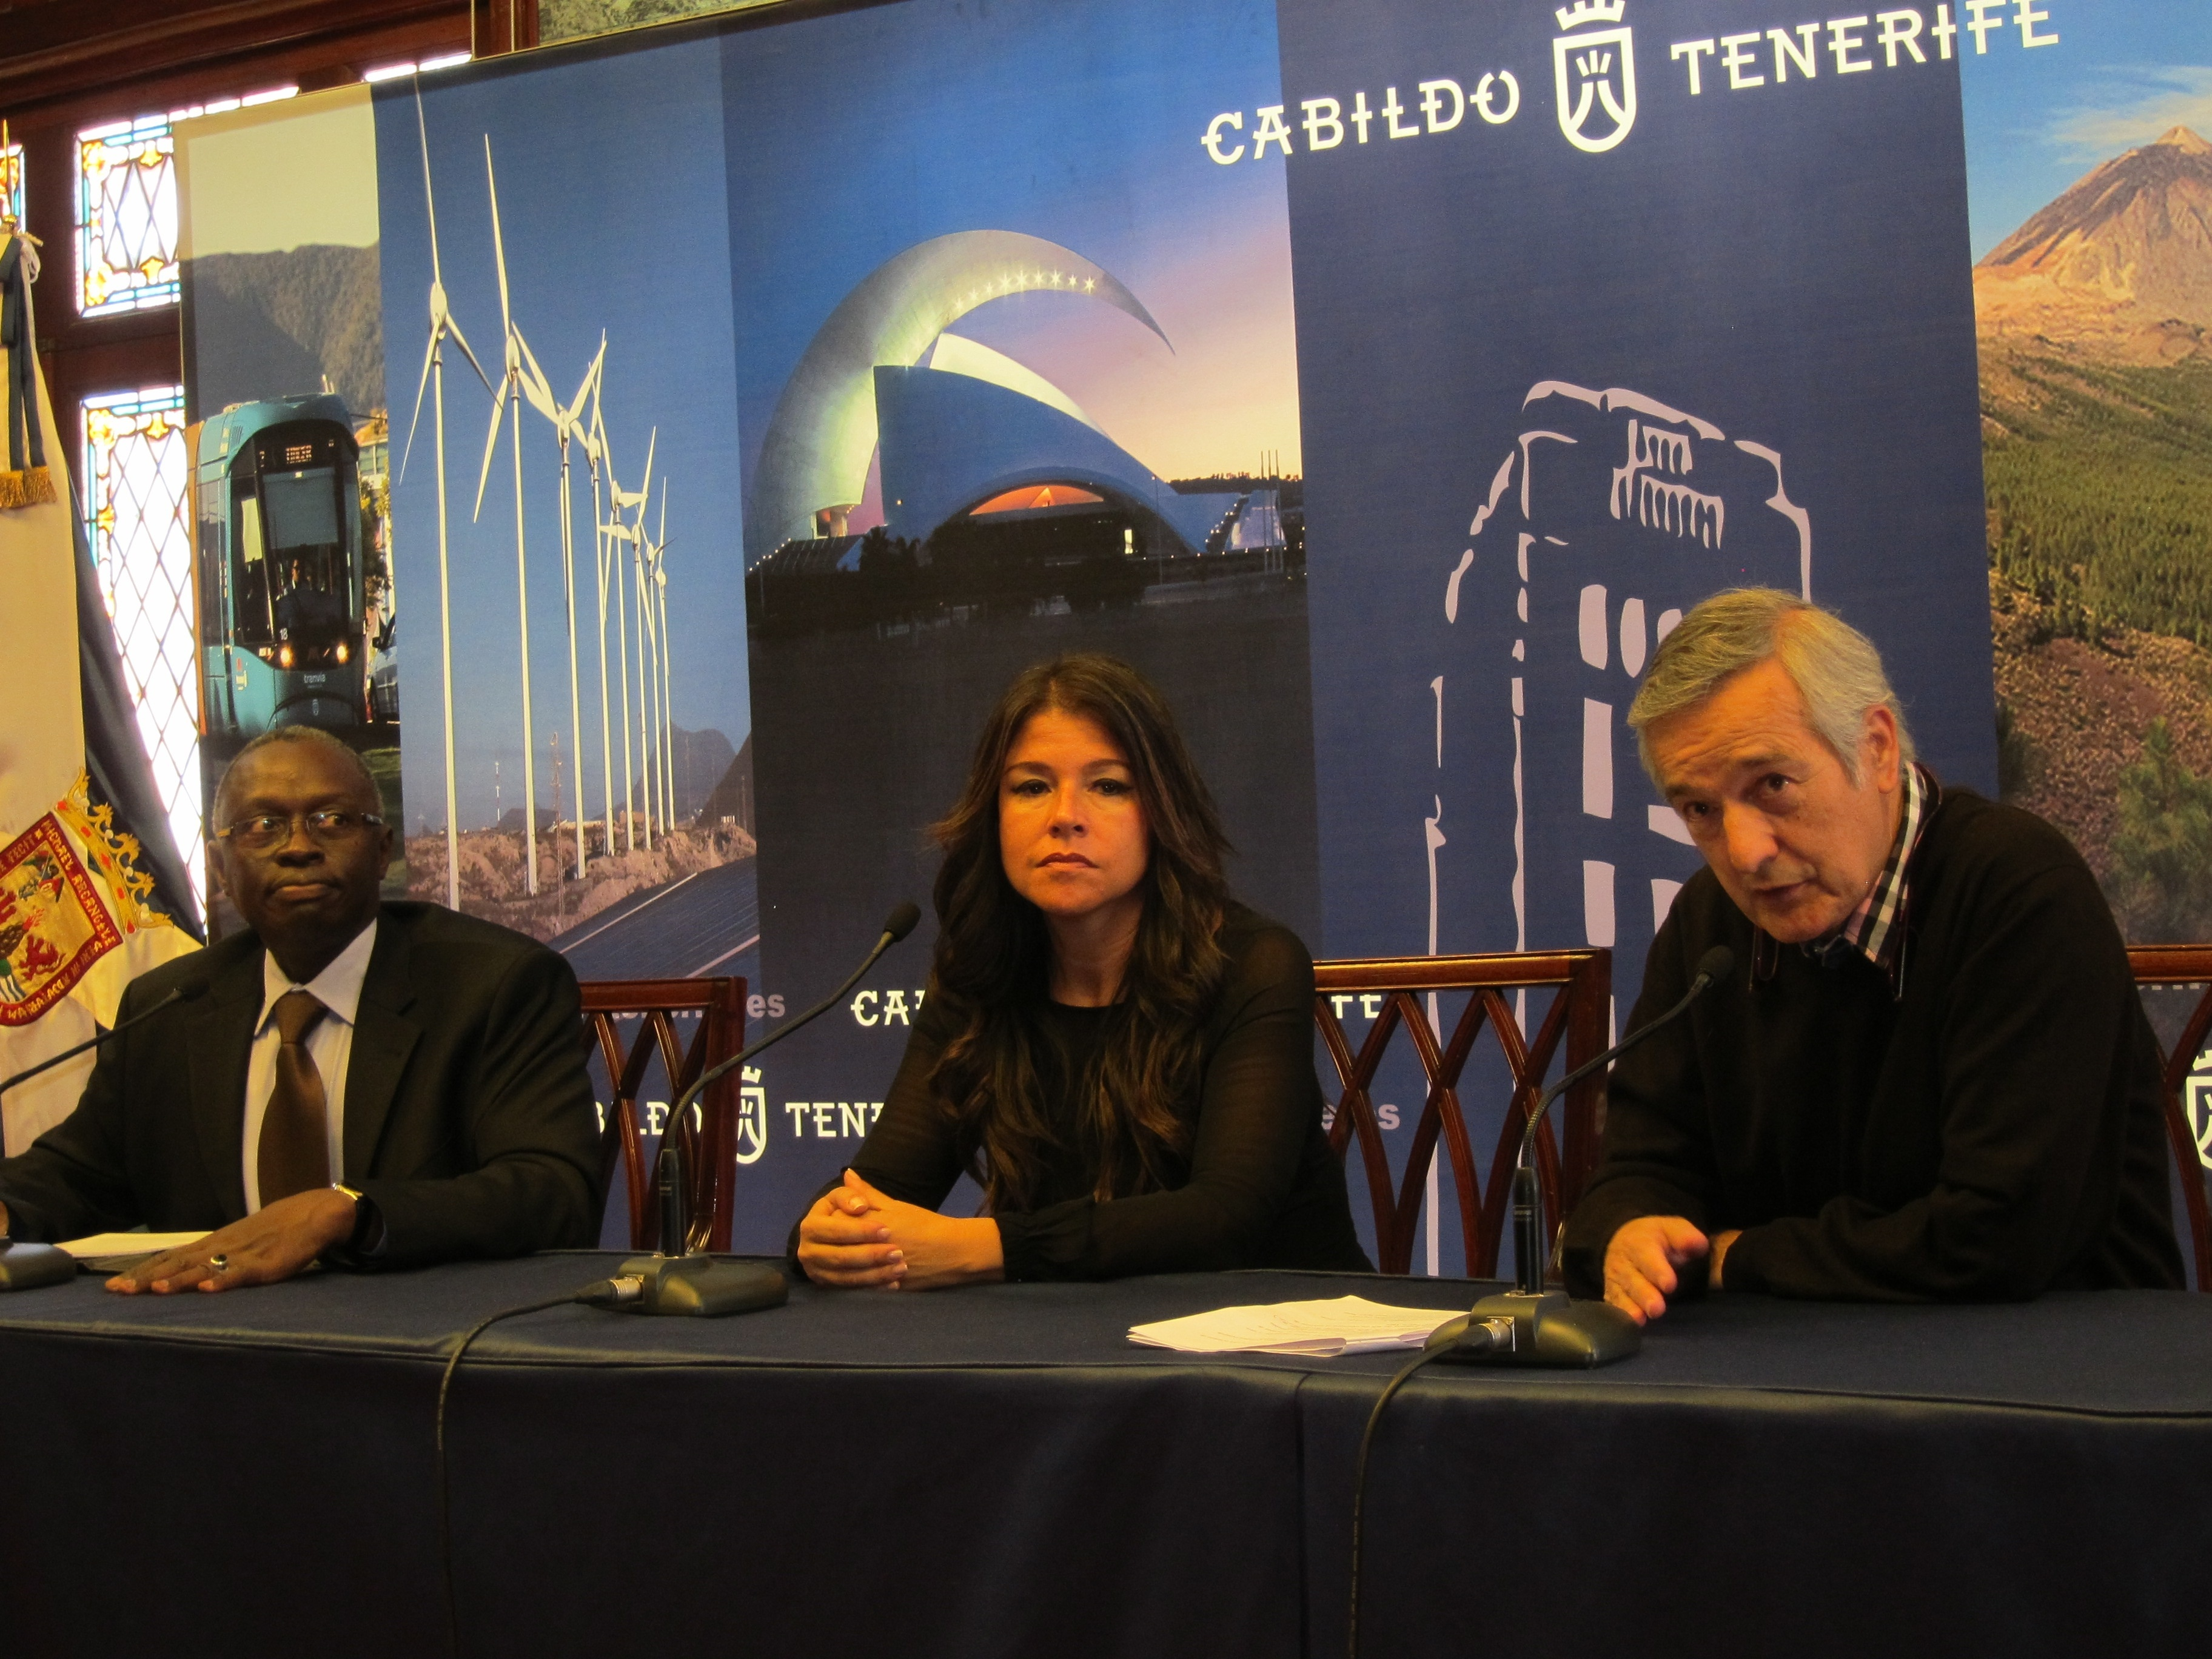 Senegal reclama más profesionales cualificados y mejores infraestructuras para luchar contra enfermedades tropicales